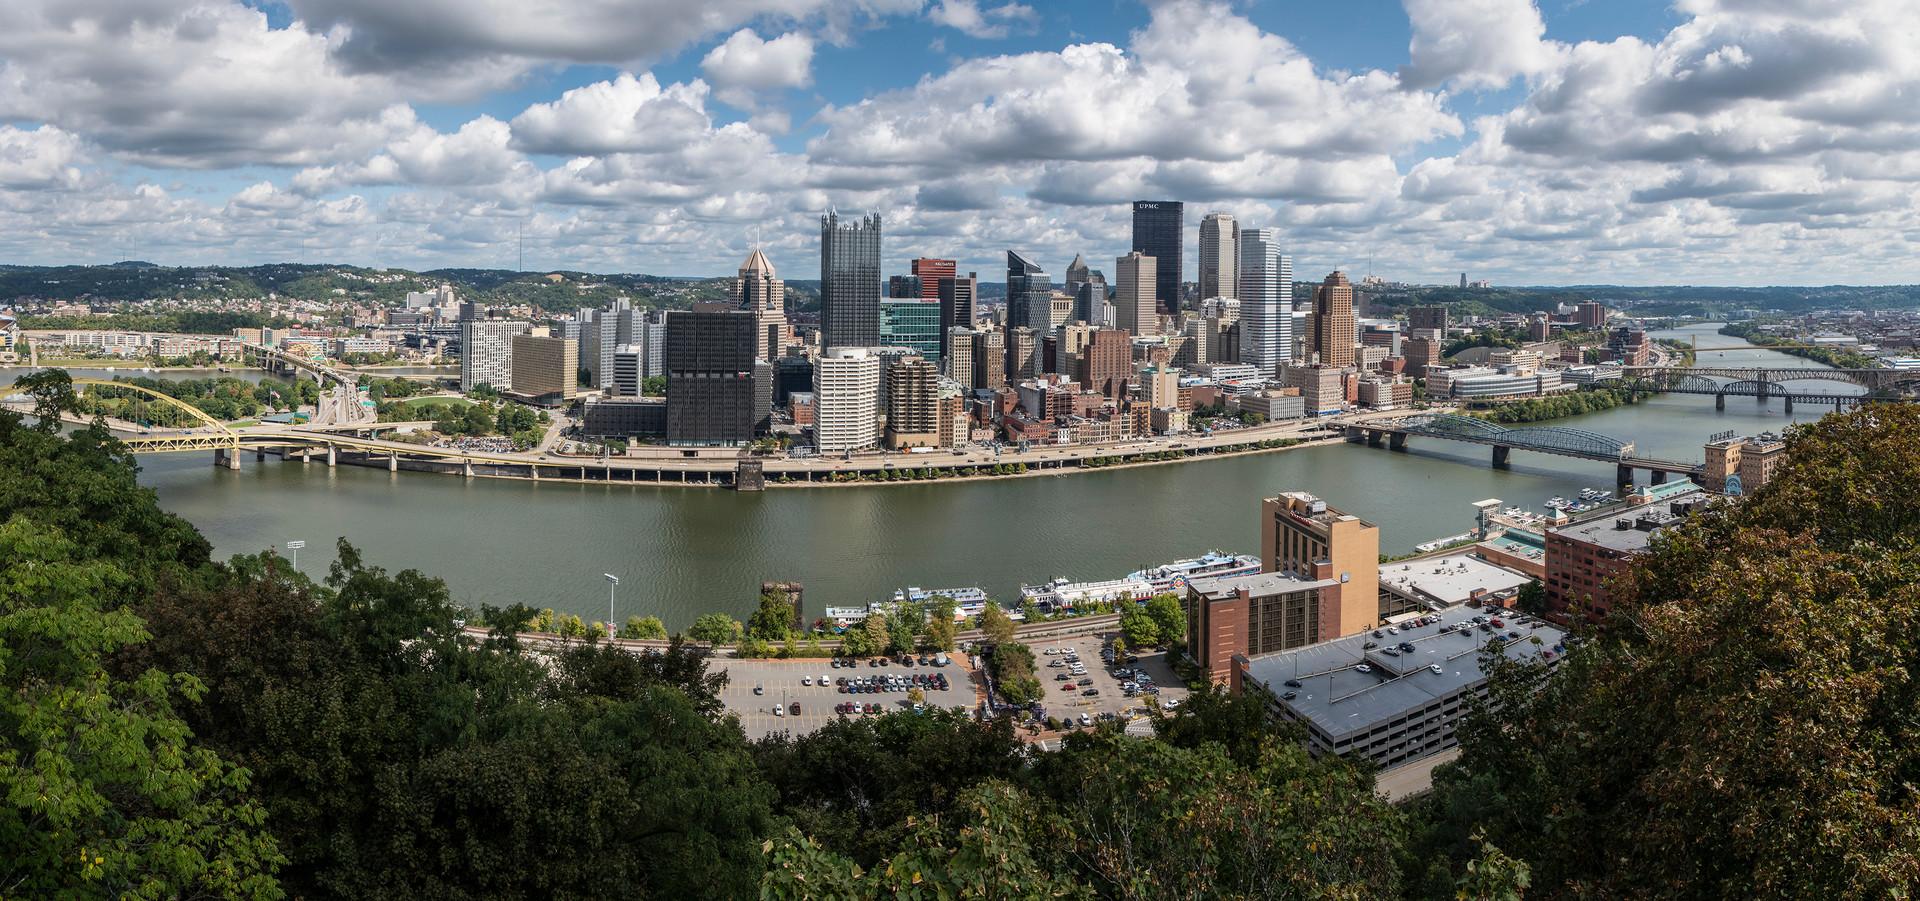 Pittsburgh panarama